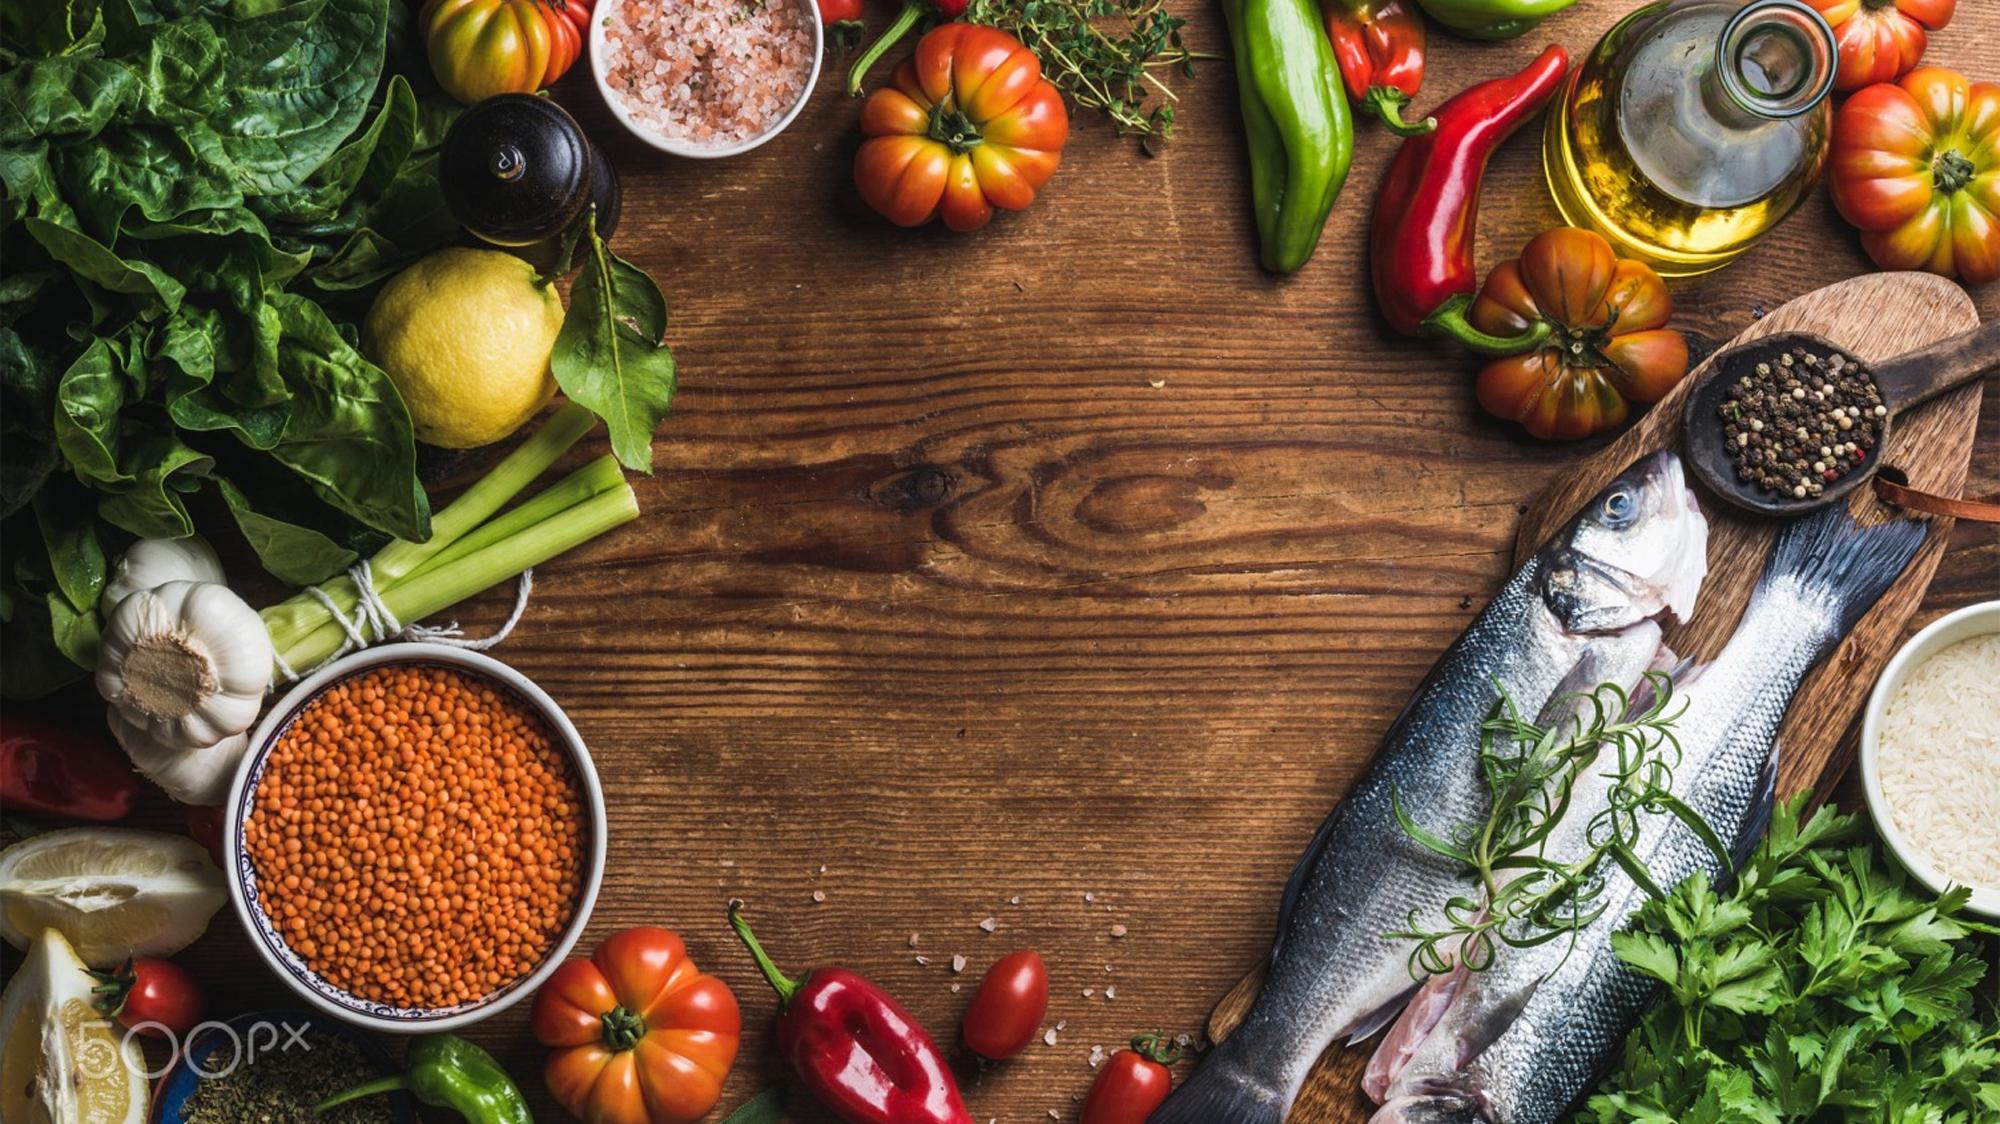 ryby-ryba-pripravy-eda-ovoshchi-stol